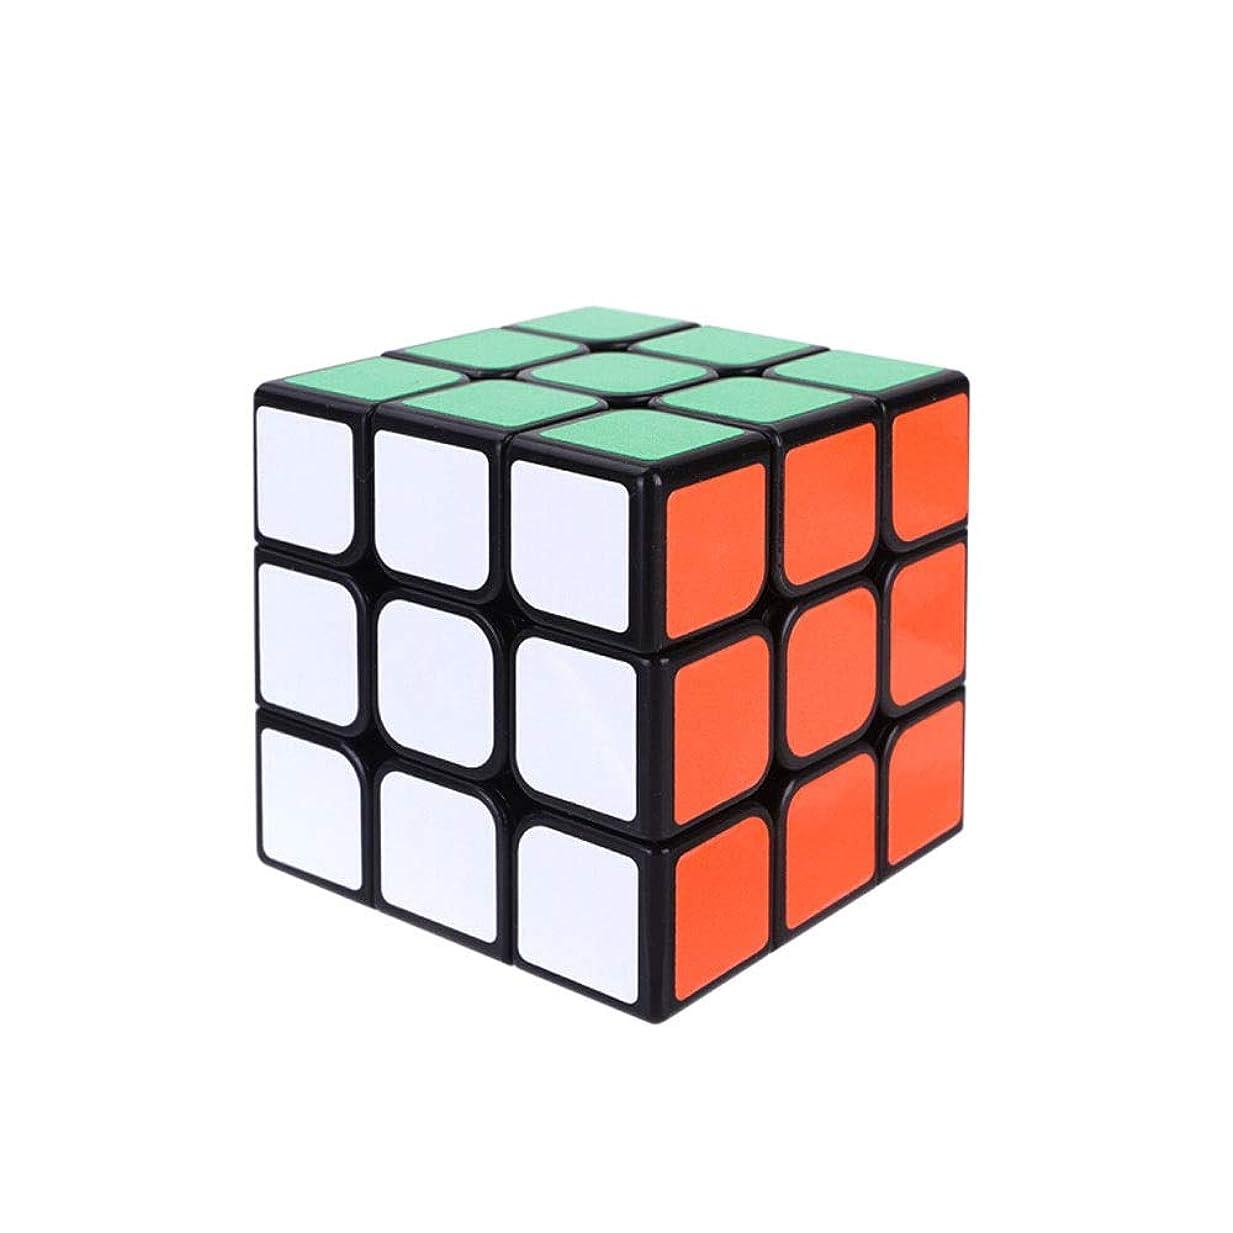 返還慣性頑張るFengshangshanghang 知的ギフト用のマジックキューブとして適したルービックキューブは、一日中遊んで知能を発達させることができる(2次/ 3次/ 4次) 大気ファッション (Edition : Third-order)